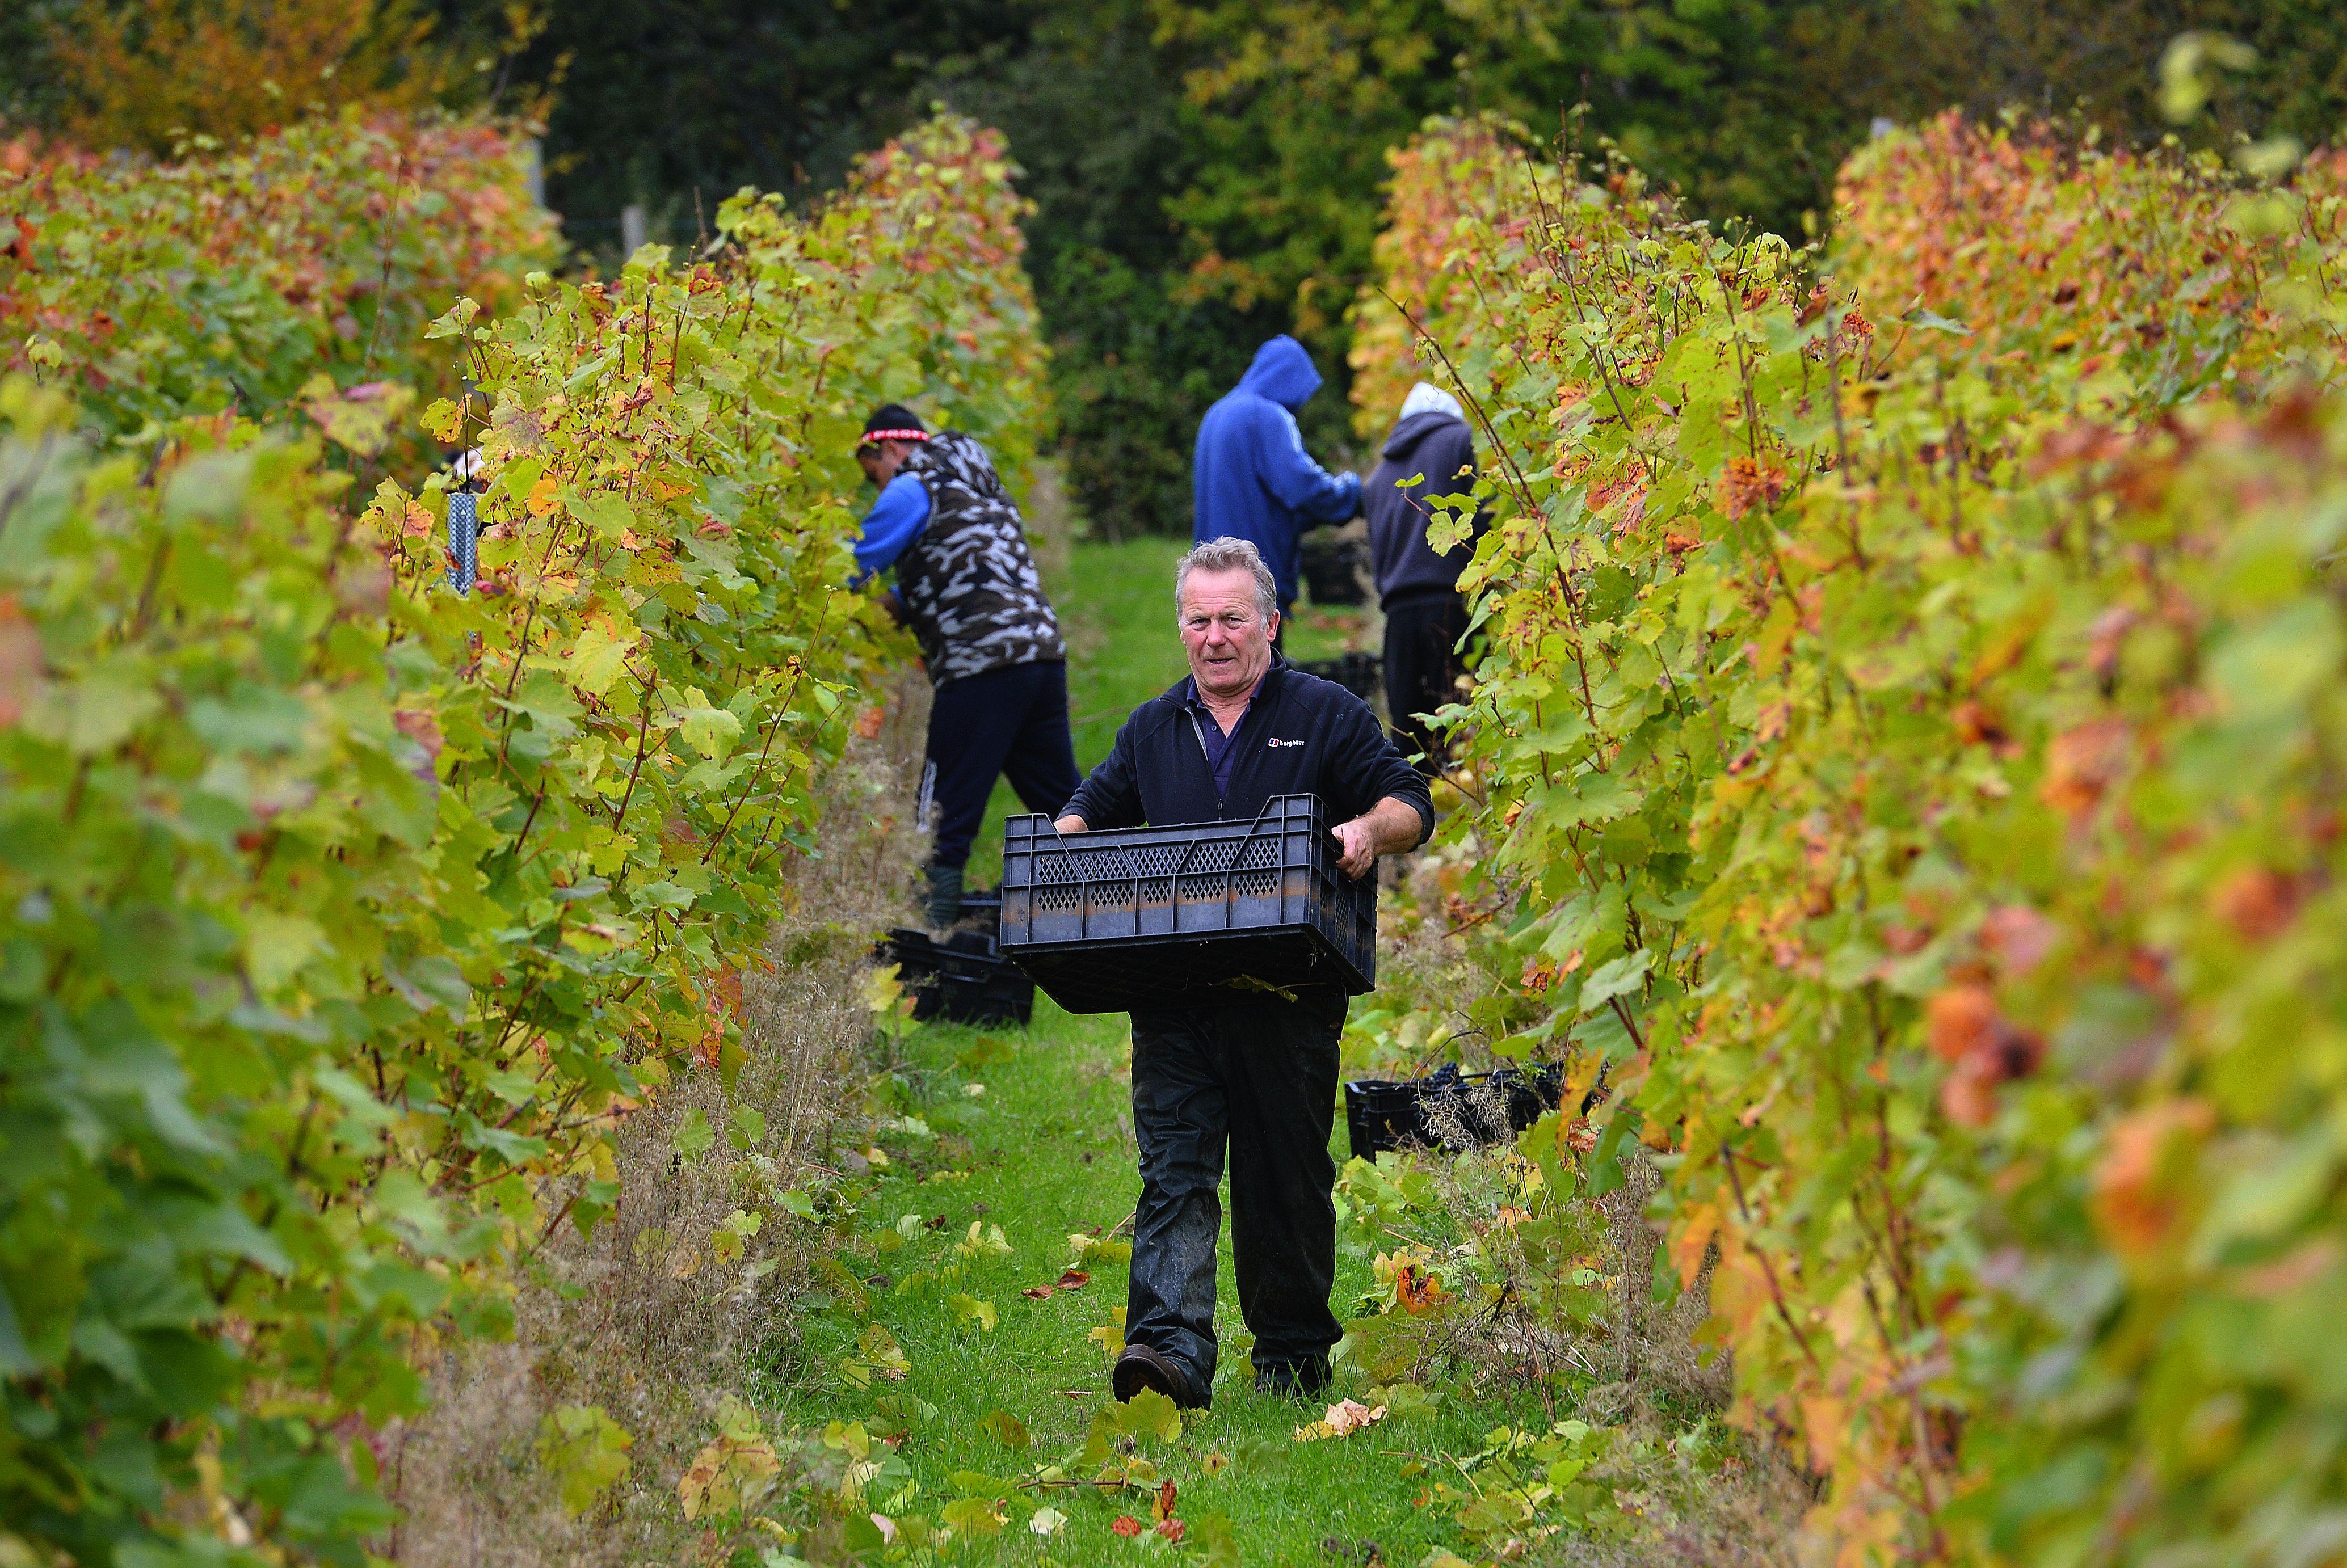 Les domaines anglais font cependant encore figure de Petit Poucet face aux géants champenois.Photo AFP